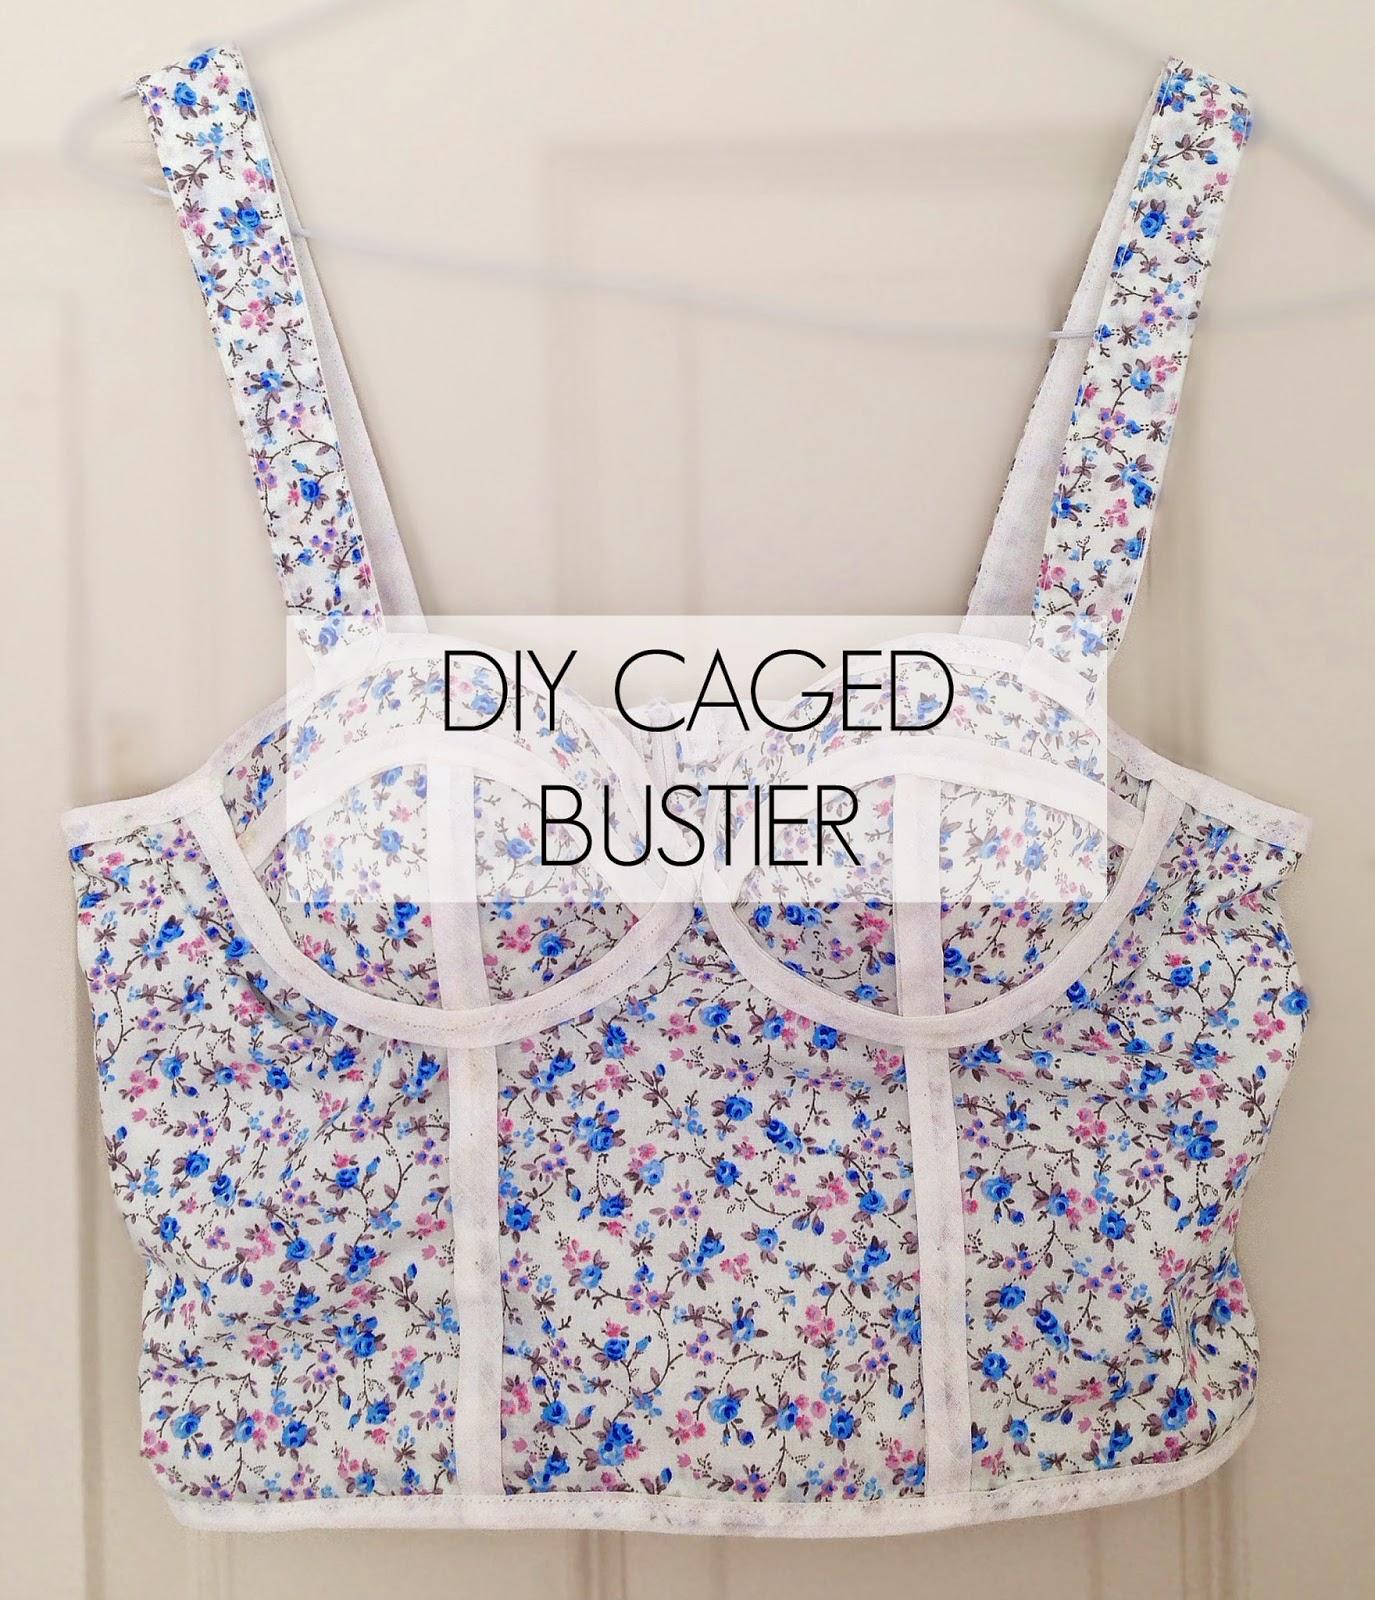 Diy caged bustier top